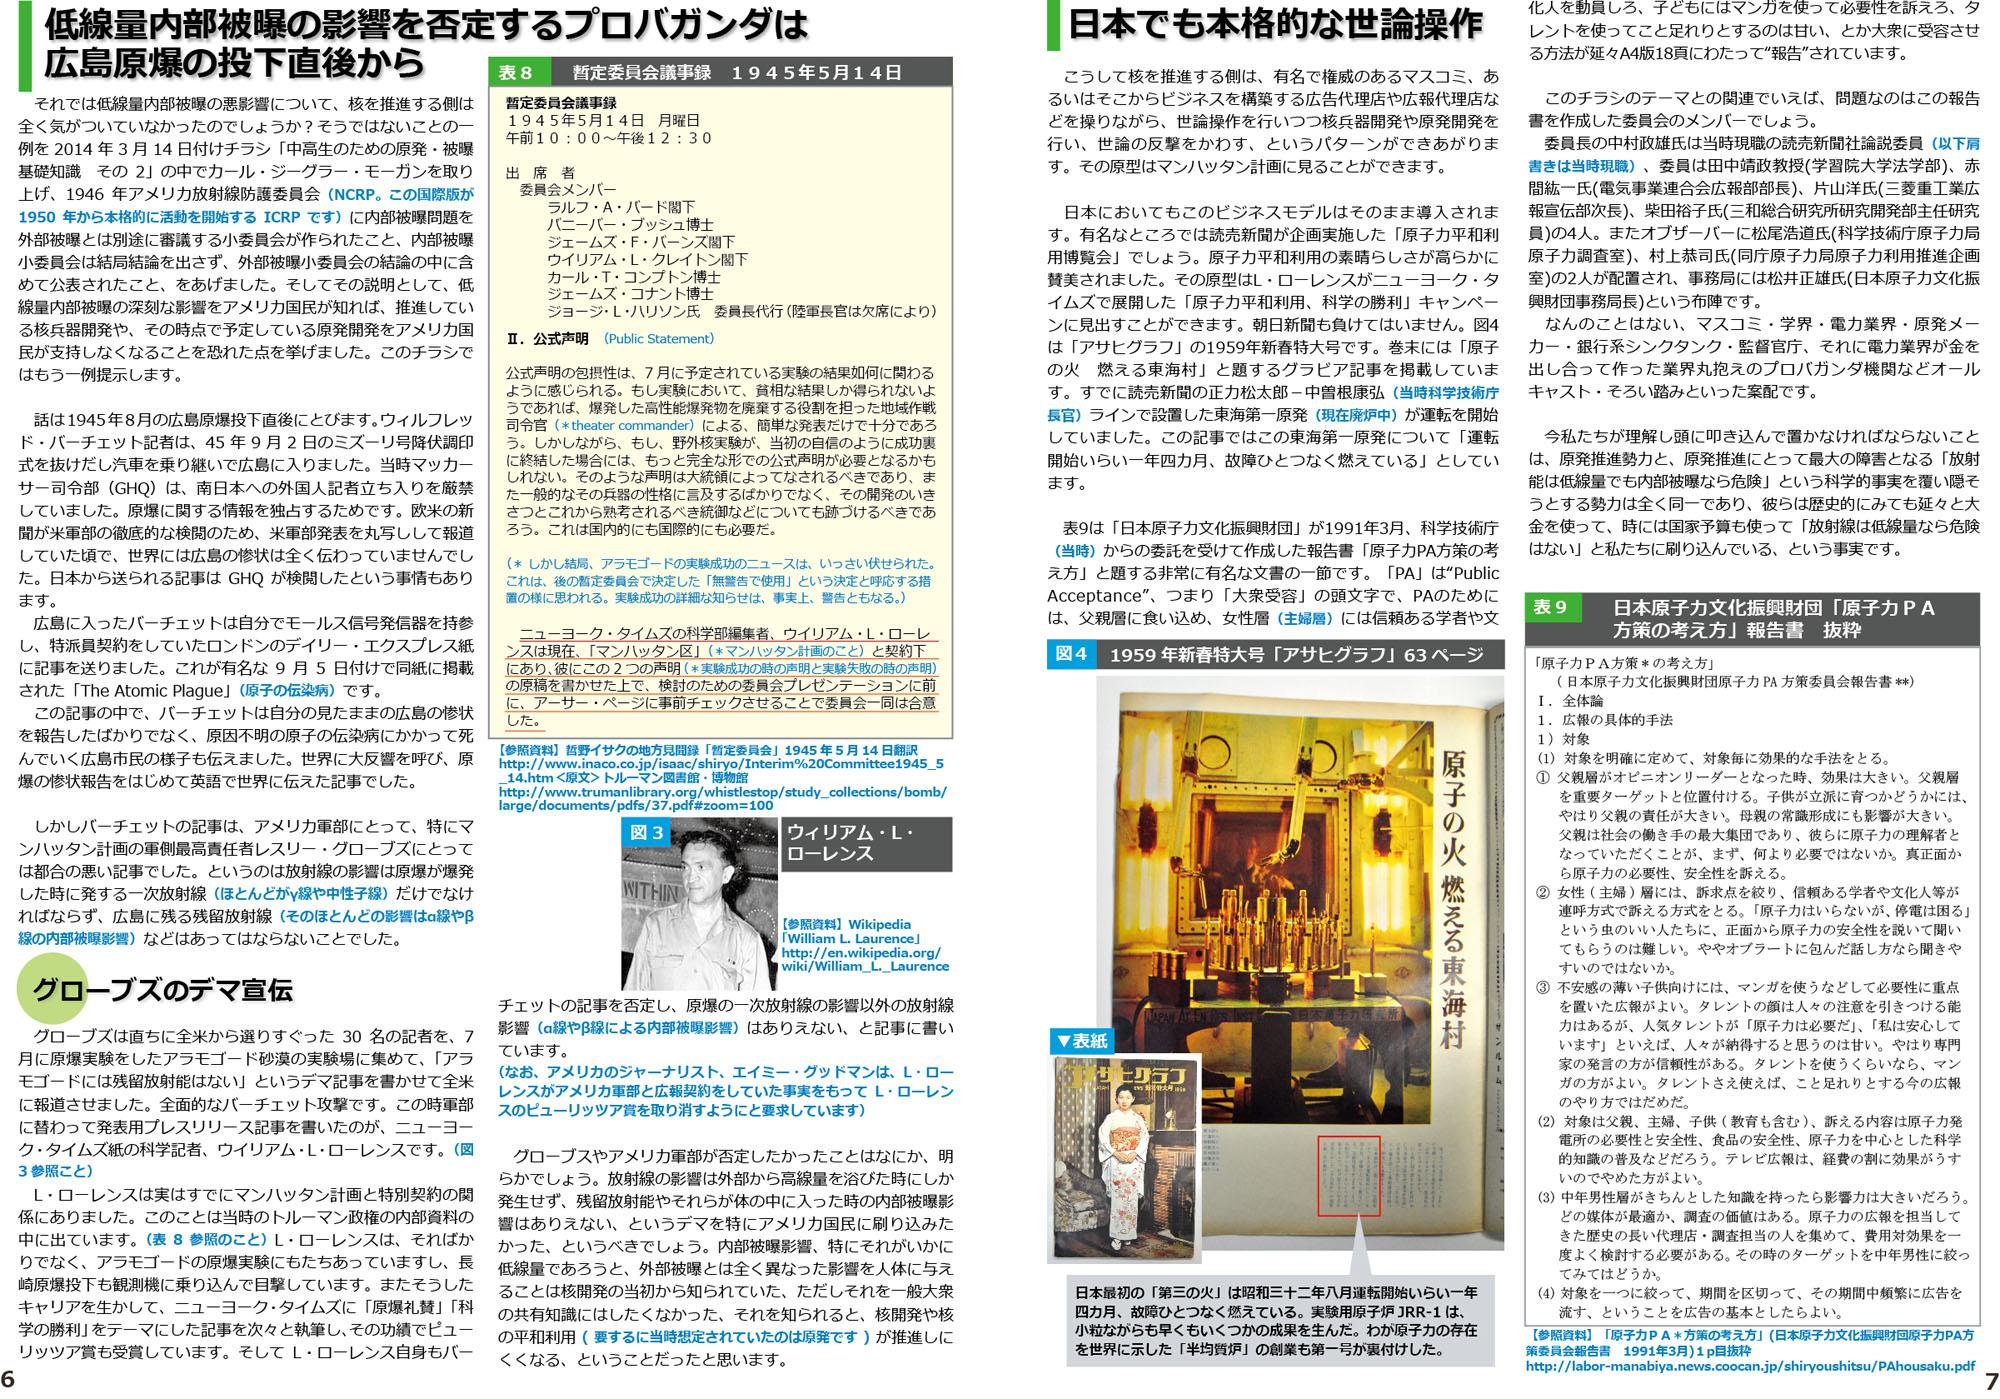 ファイル 281-4.jpg